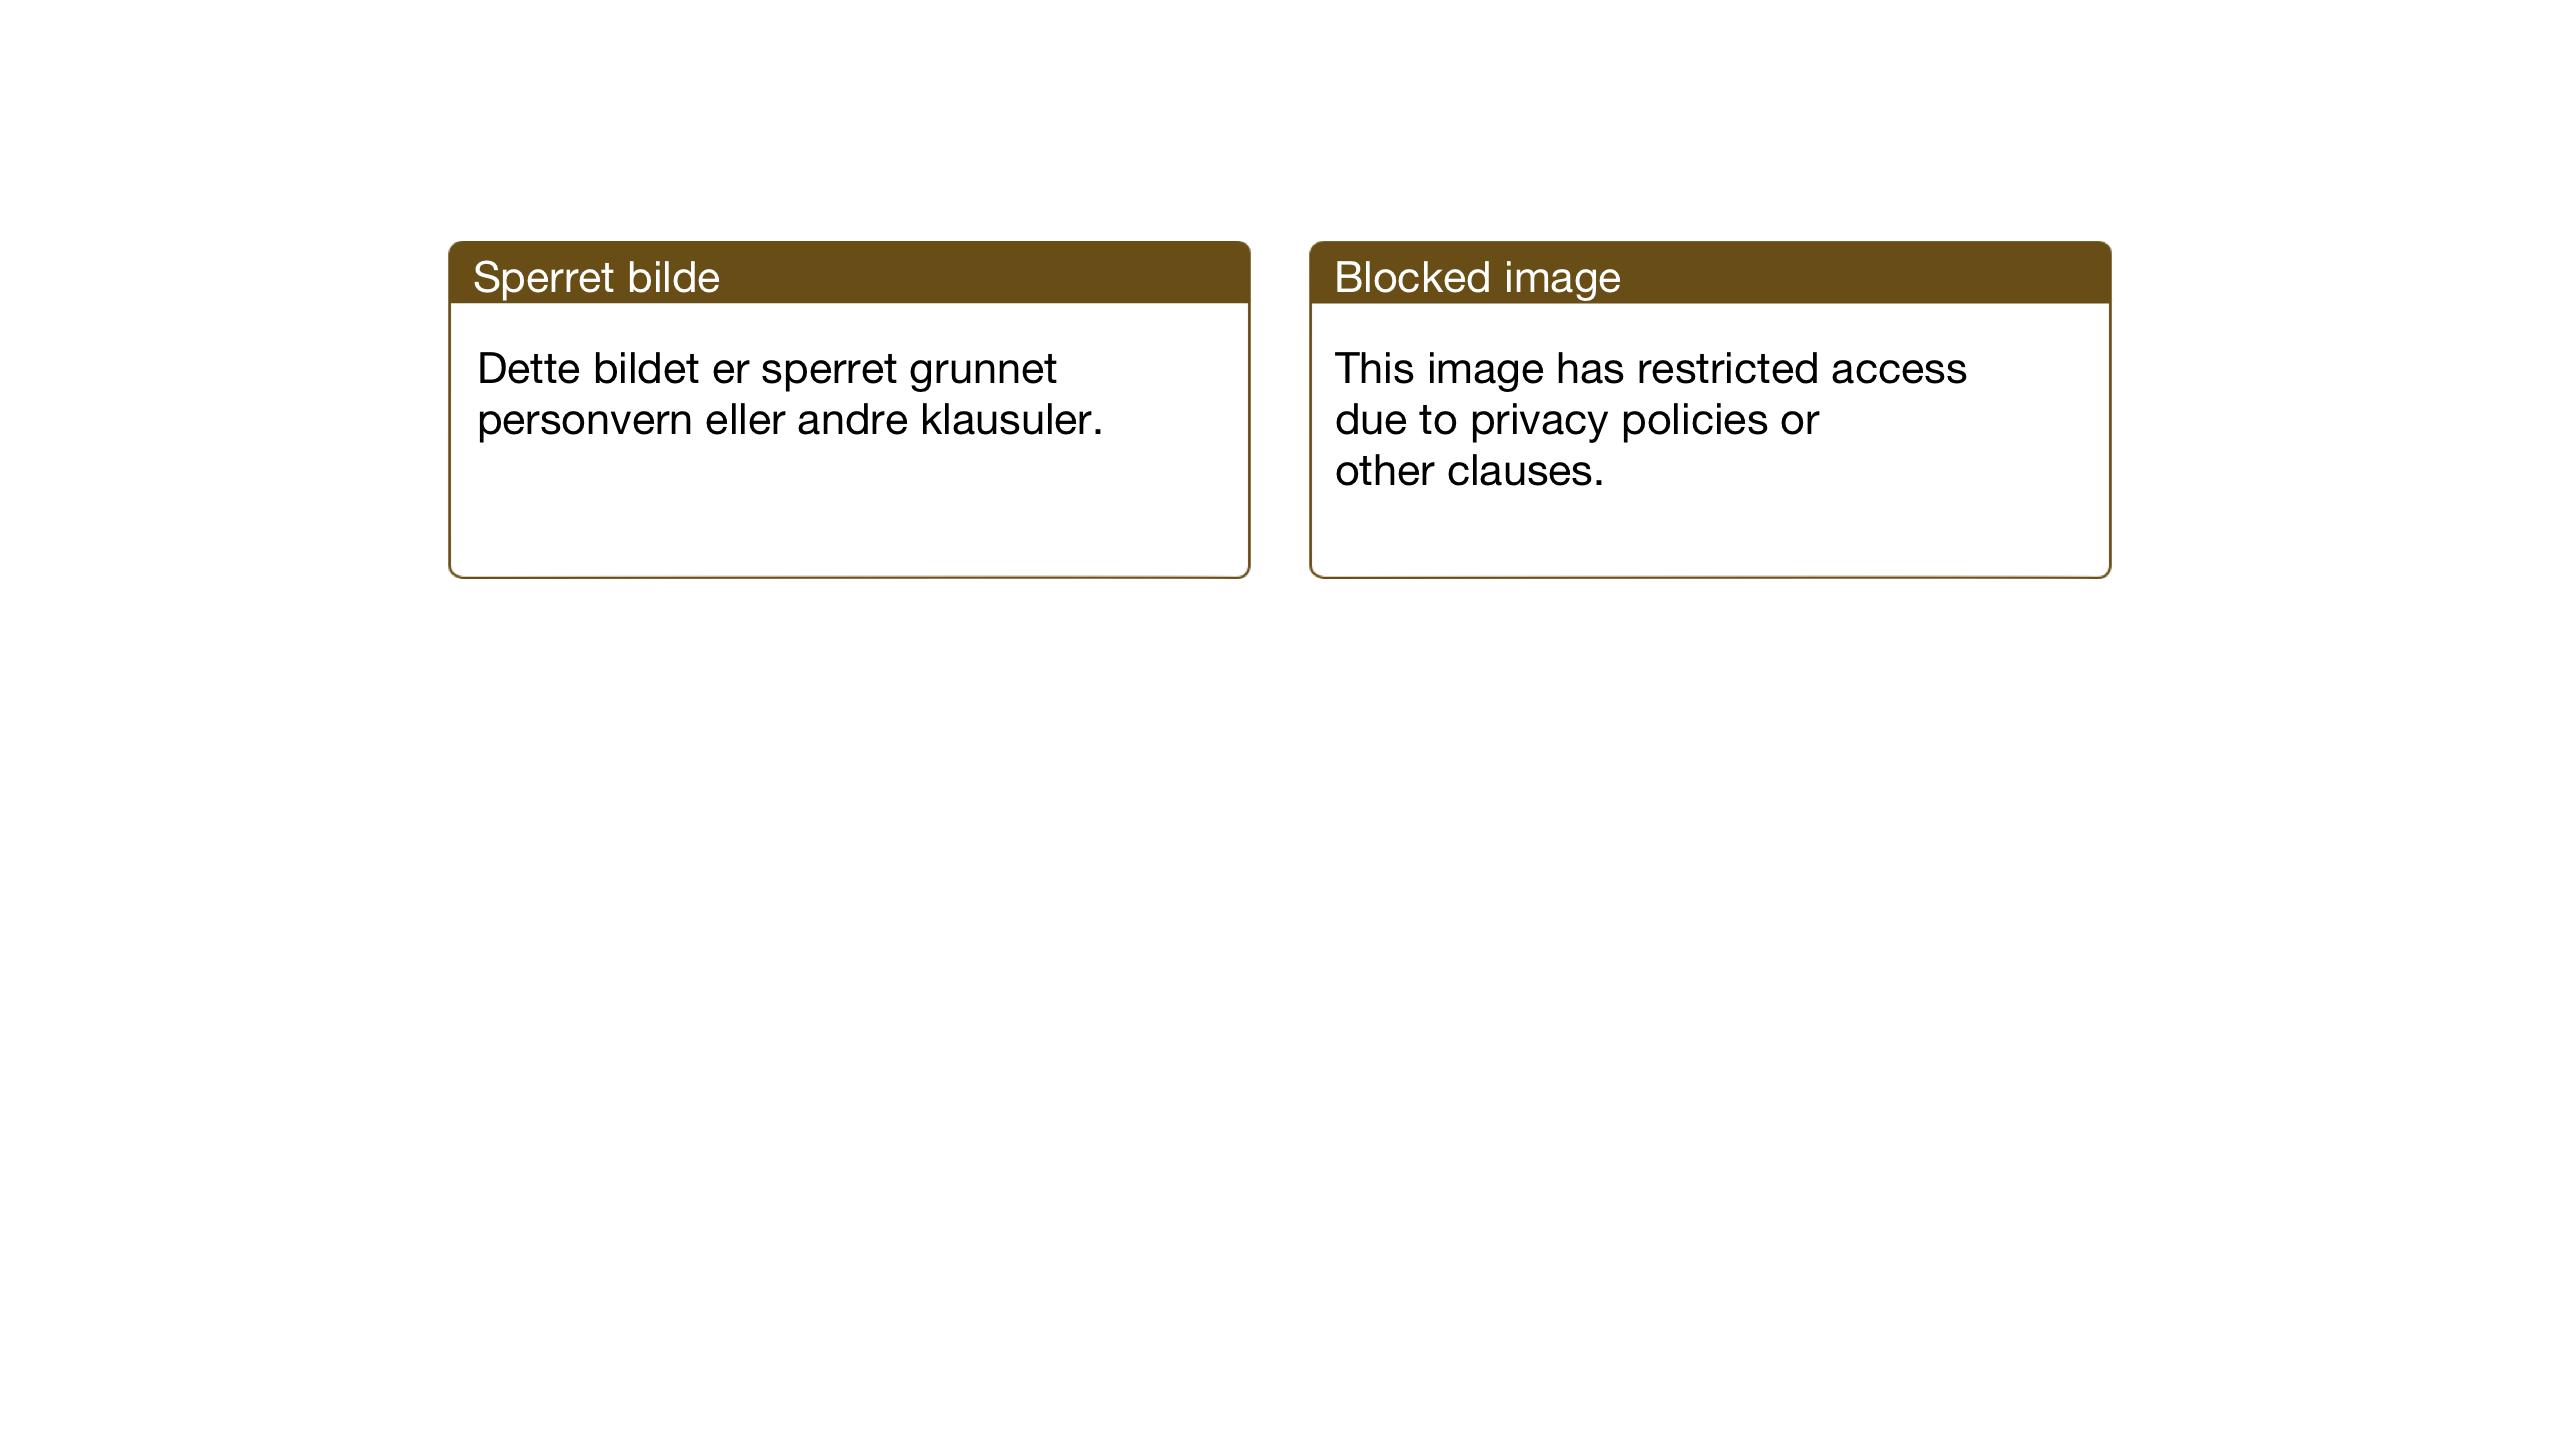 SAT, Ministerialprotokoller, klokkerbøker og fødselsregistre - Sør-Trøndelag, 606/L0314: Klokkerbok nr. 606C10, 1911-1937, s. 97